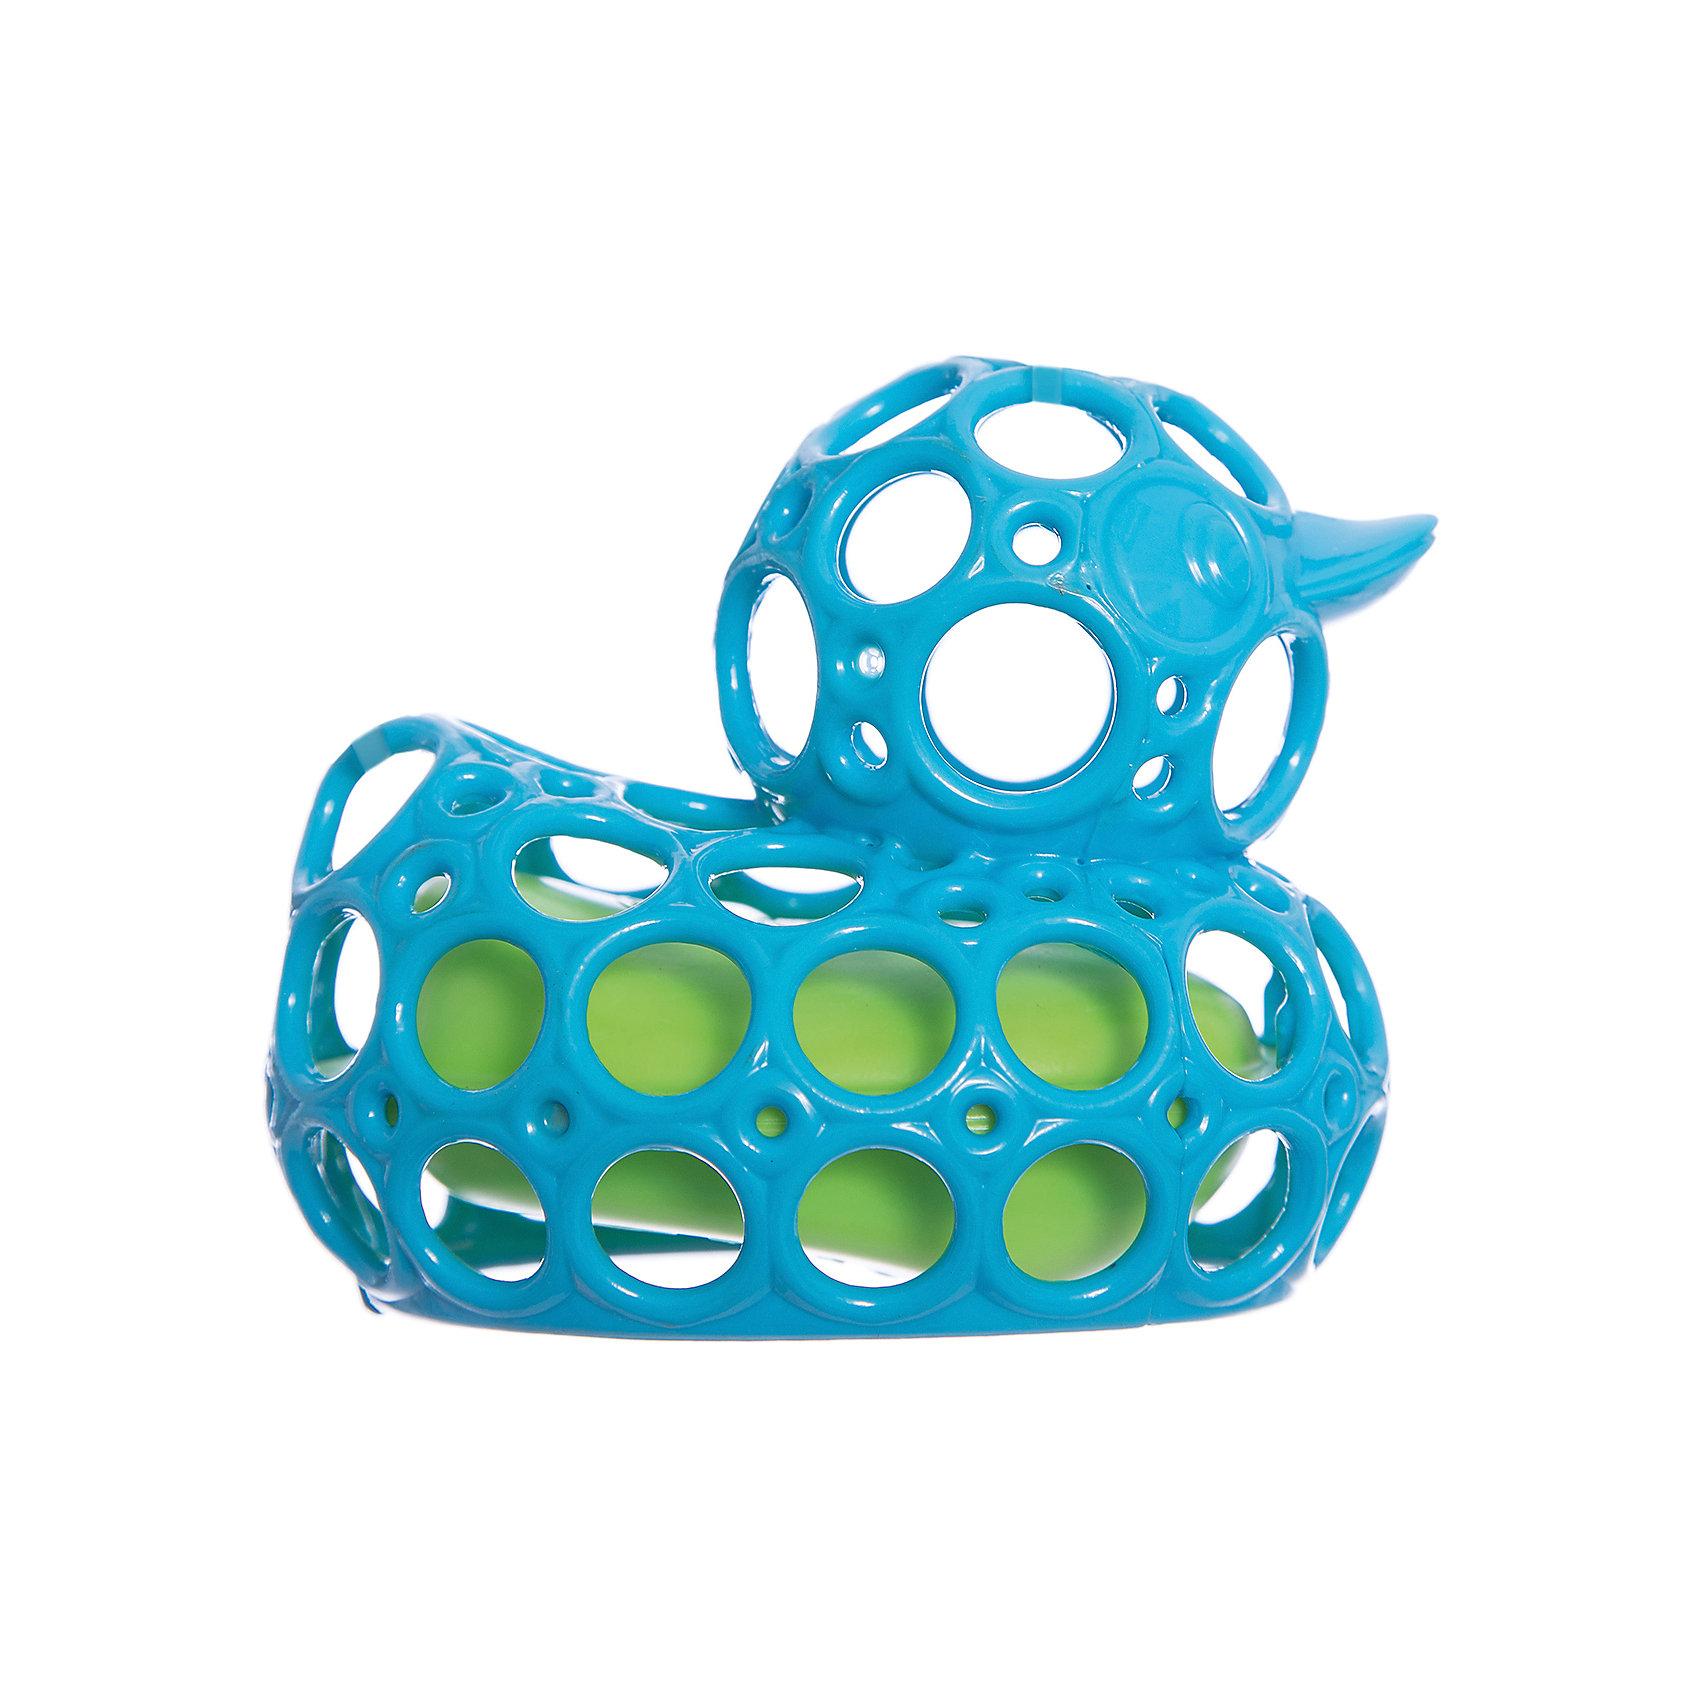 Oball Игрушка для ванны Уточка, голубая, Oball тижекс горка для ванной анатомическая голубая